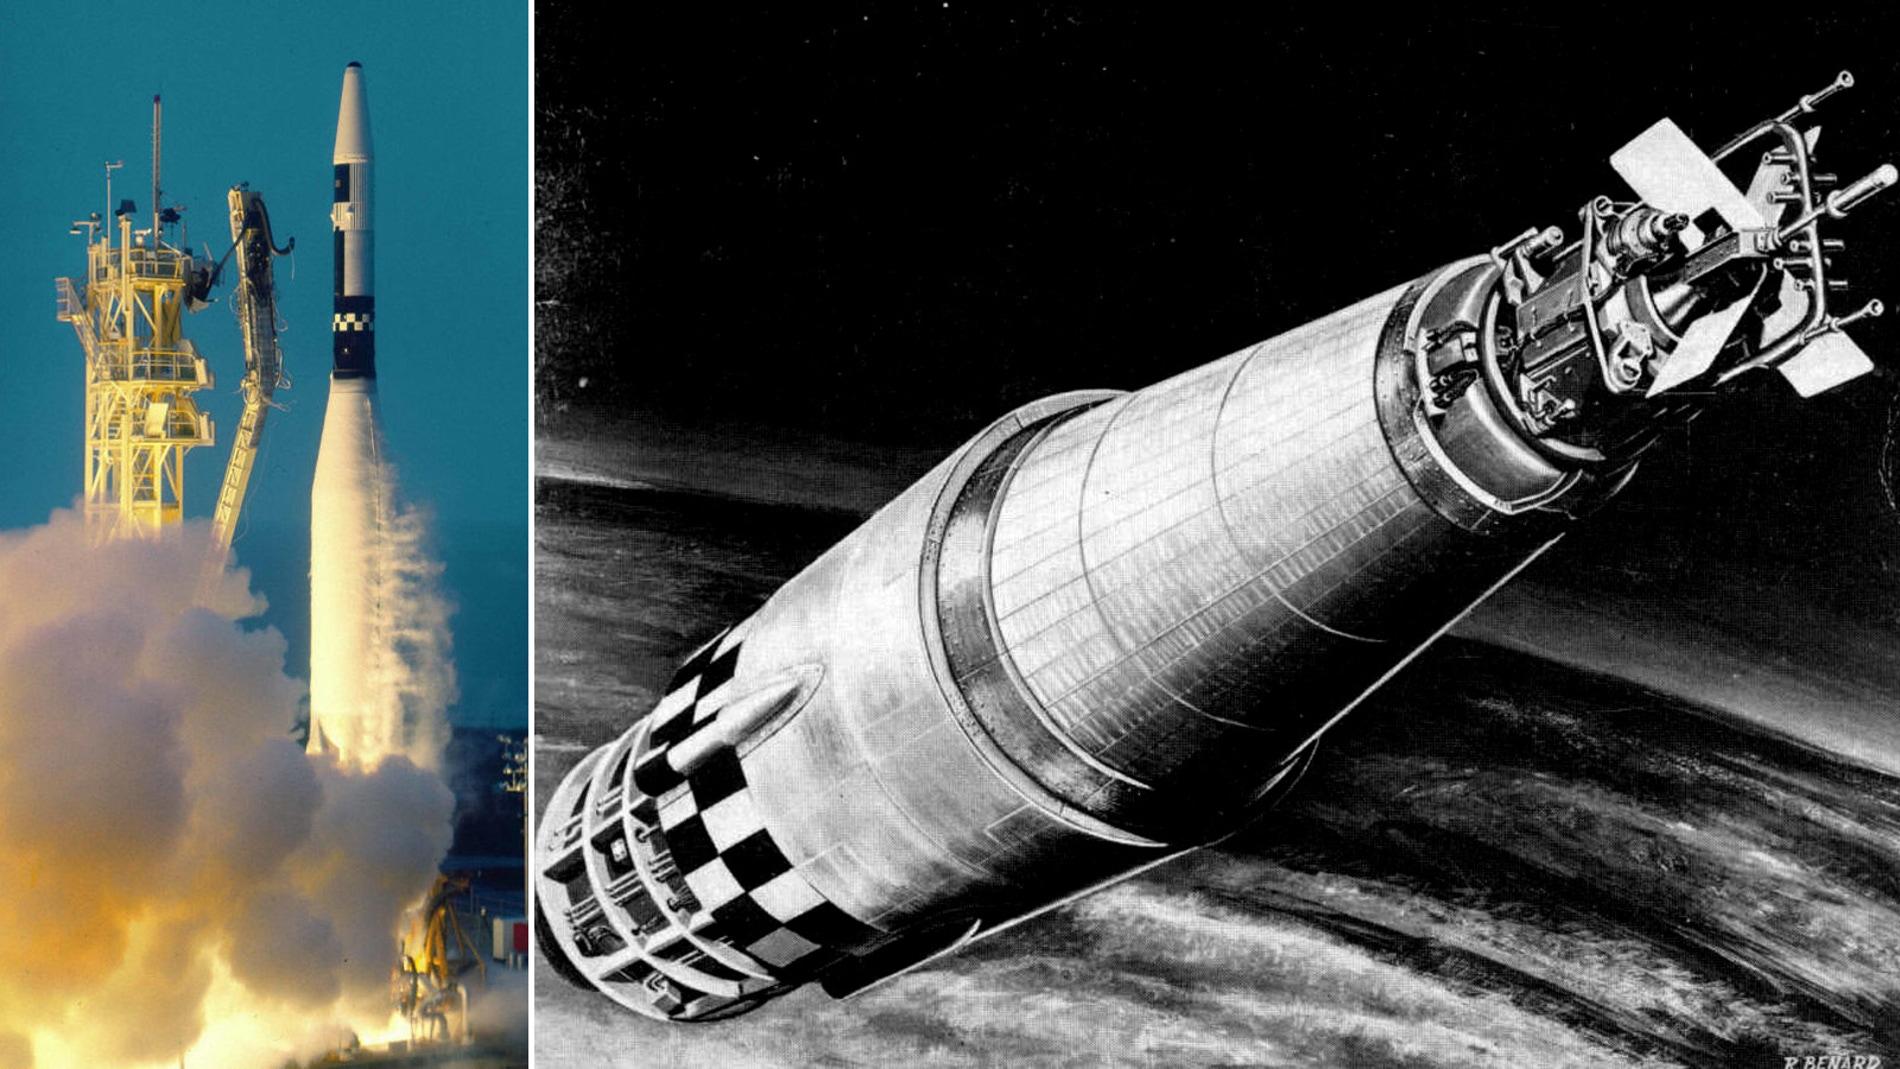 El Snap10a durante su lanzamiento y una ilustración en órbita